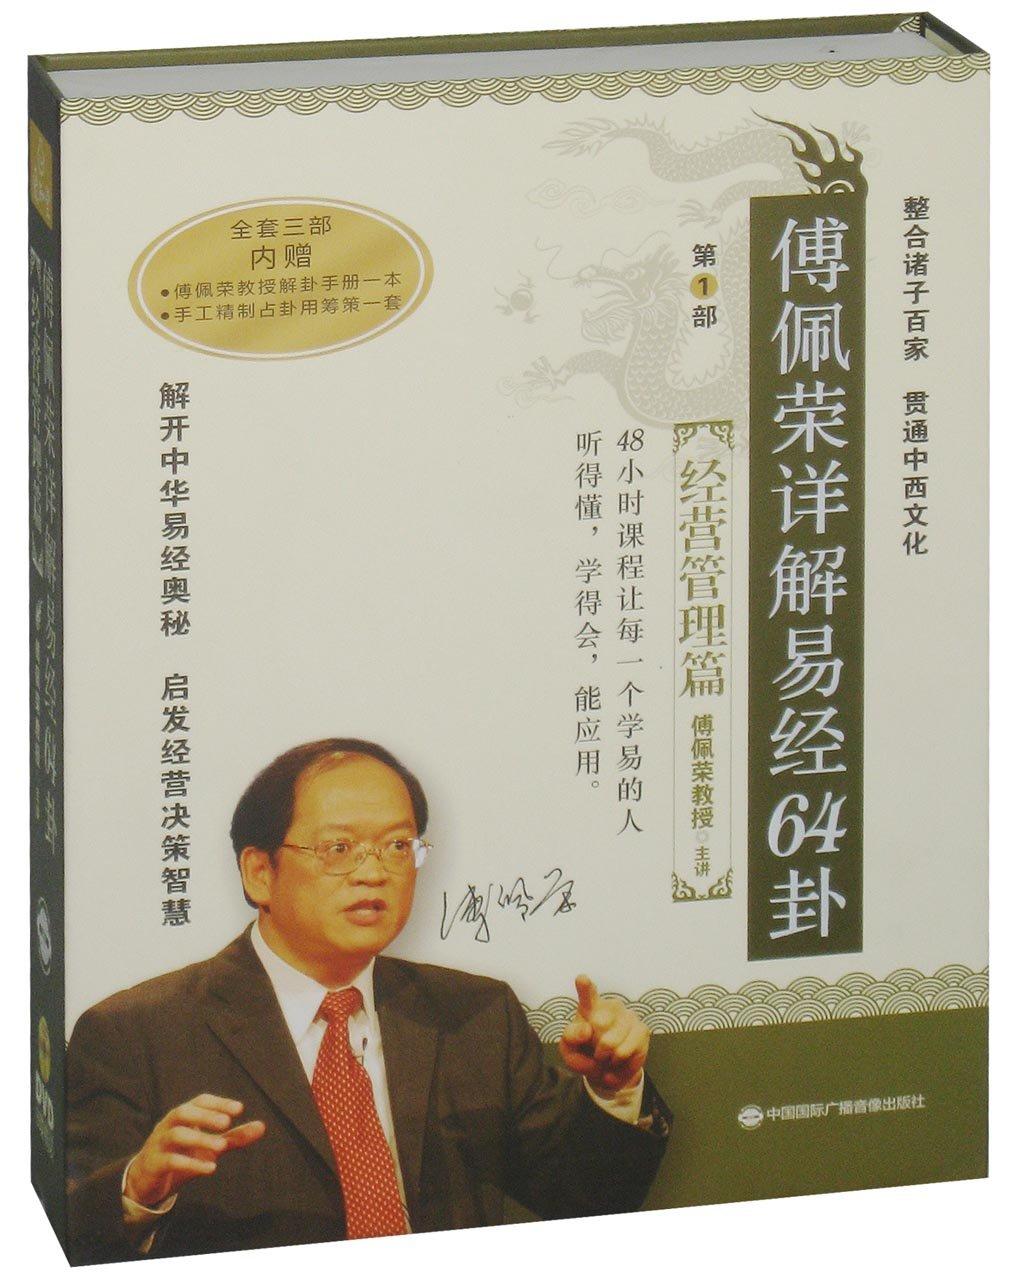 傅佩荣詺)���$����\_傅佩荣详解易经64卦(第1部):经营管理篇(8dvd)